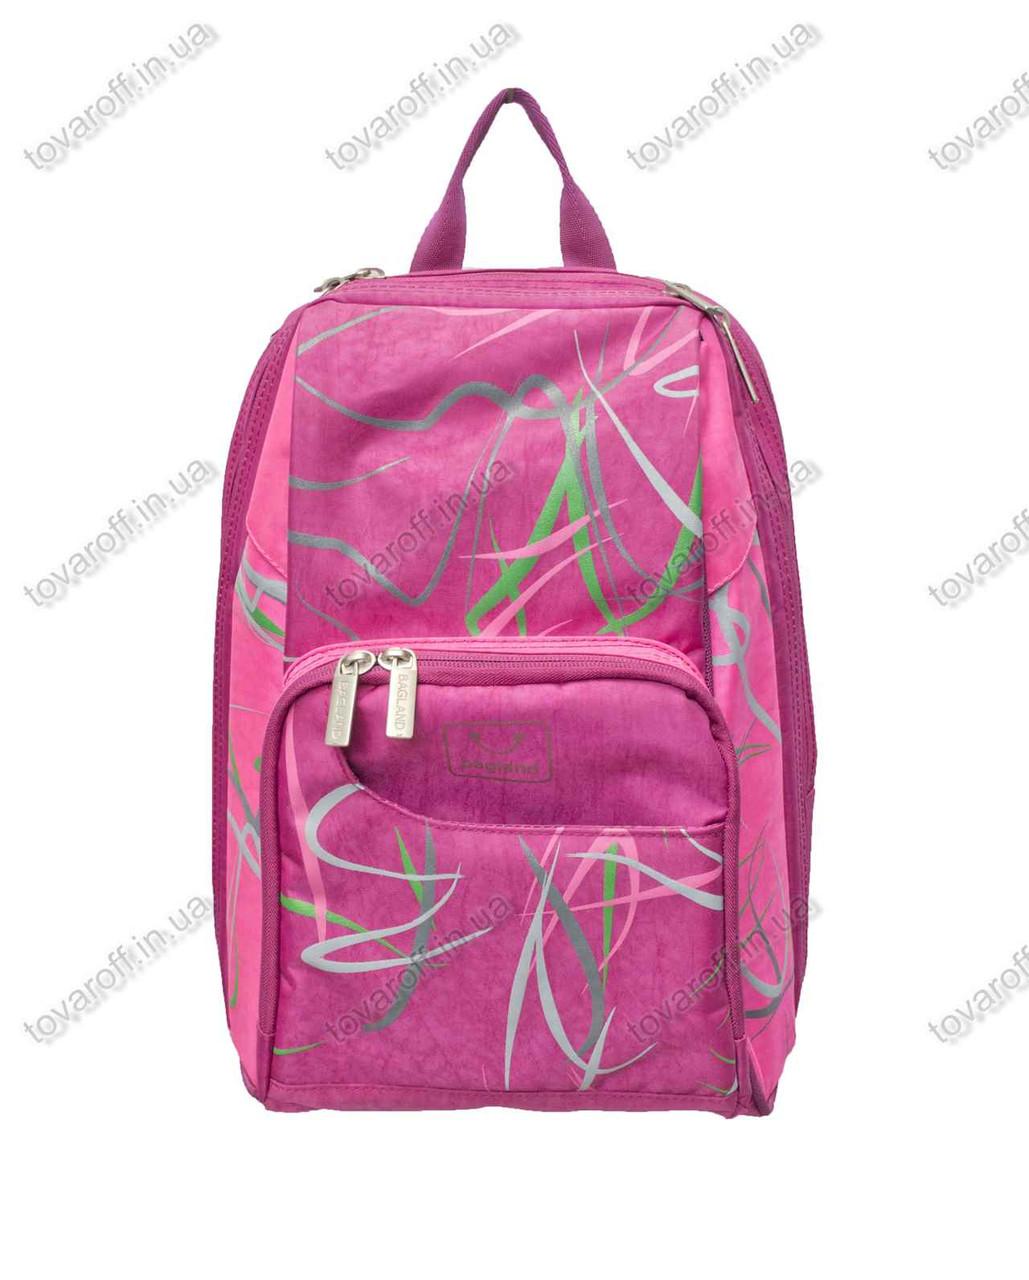 602bfe5d8f00 Оптом рюкзак школьный/городской - Розовый - MeShock (Bagland) - 14970